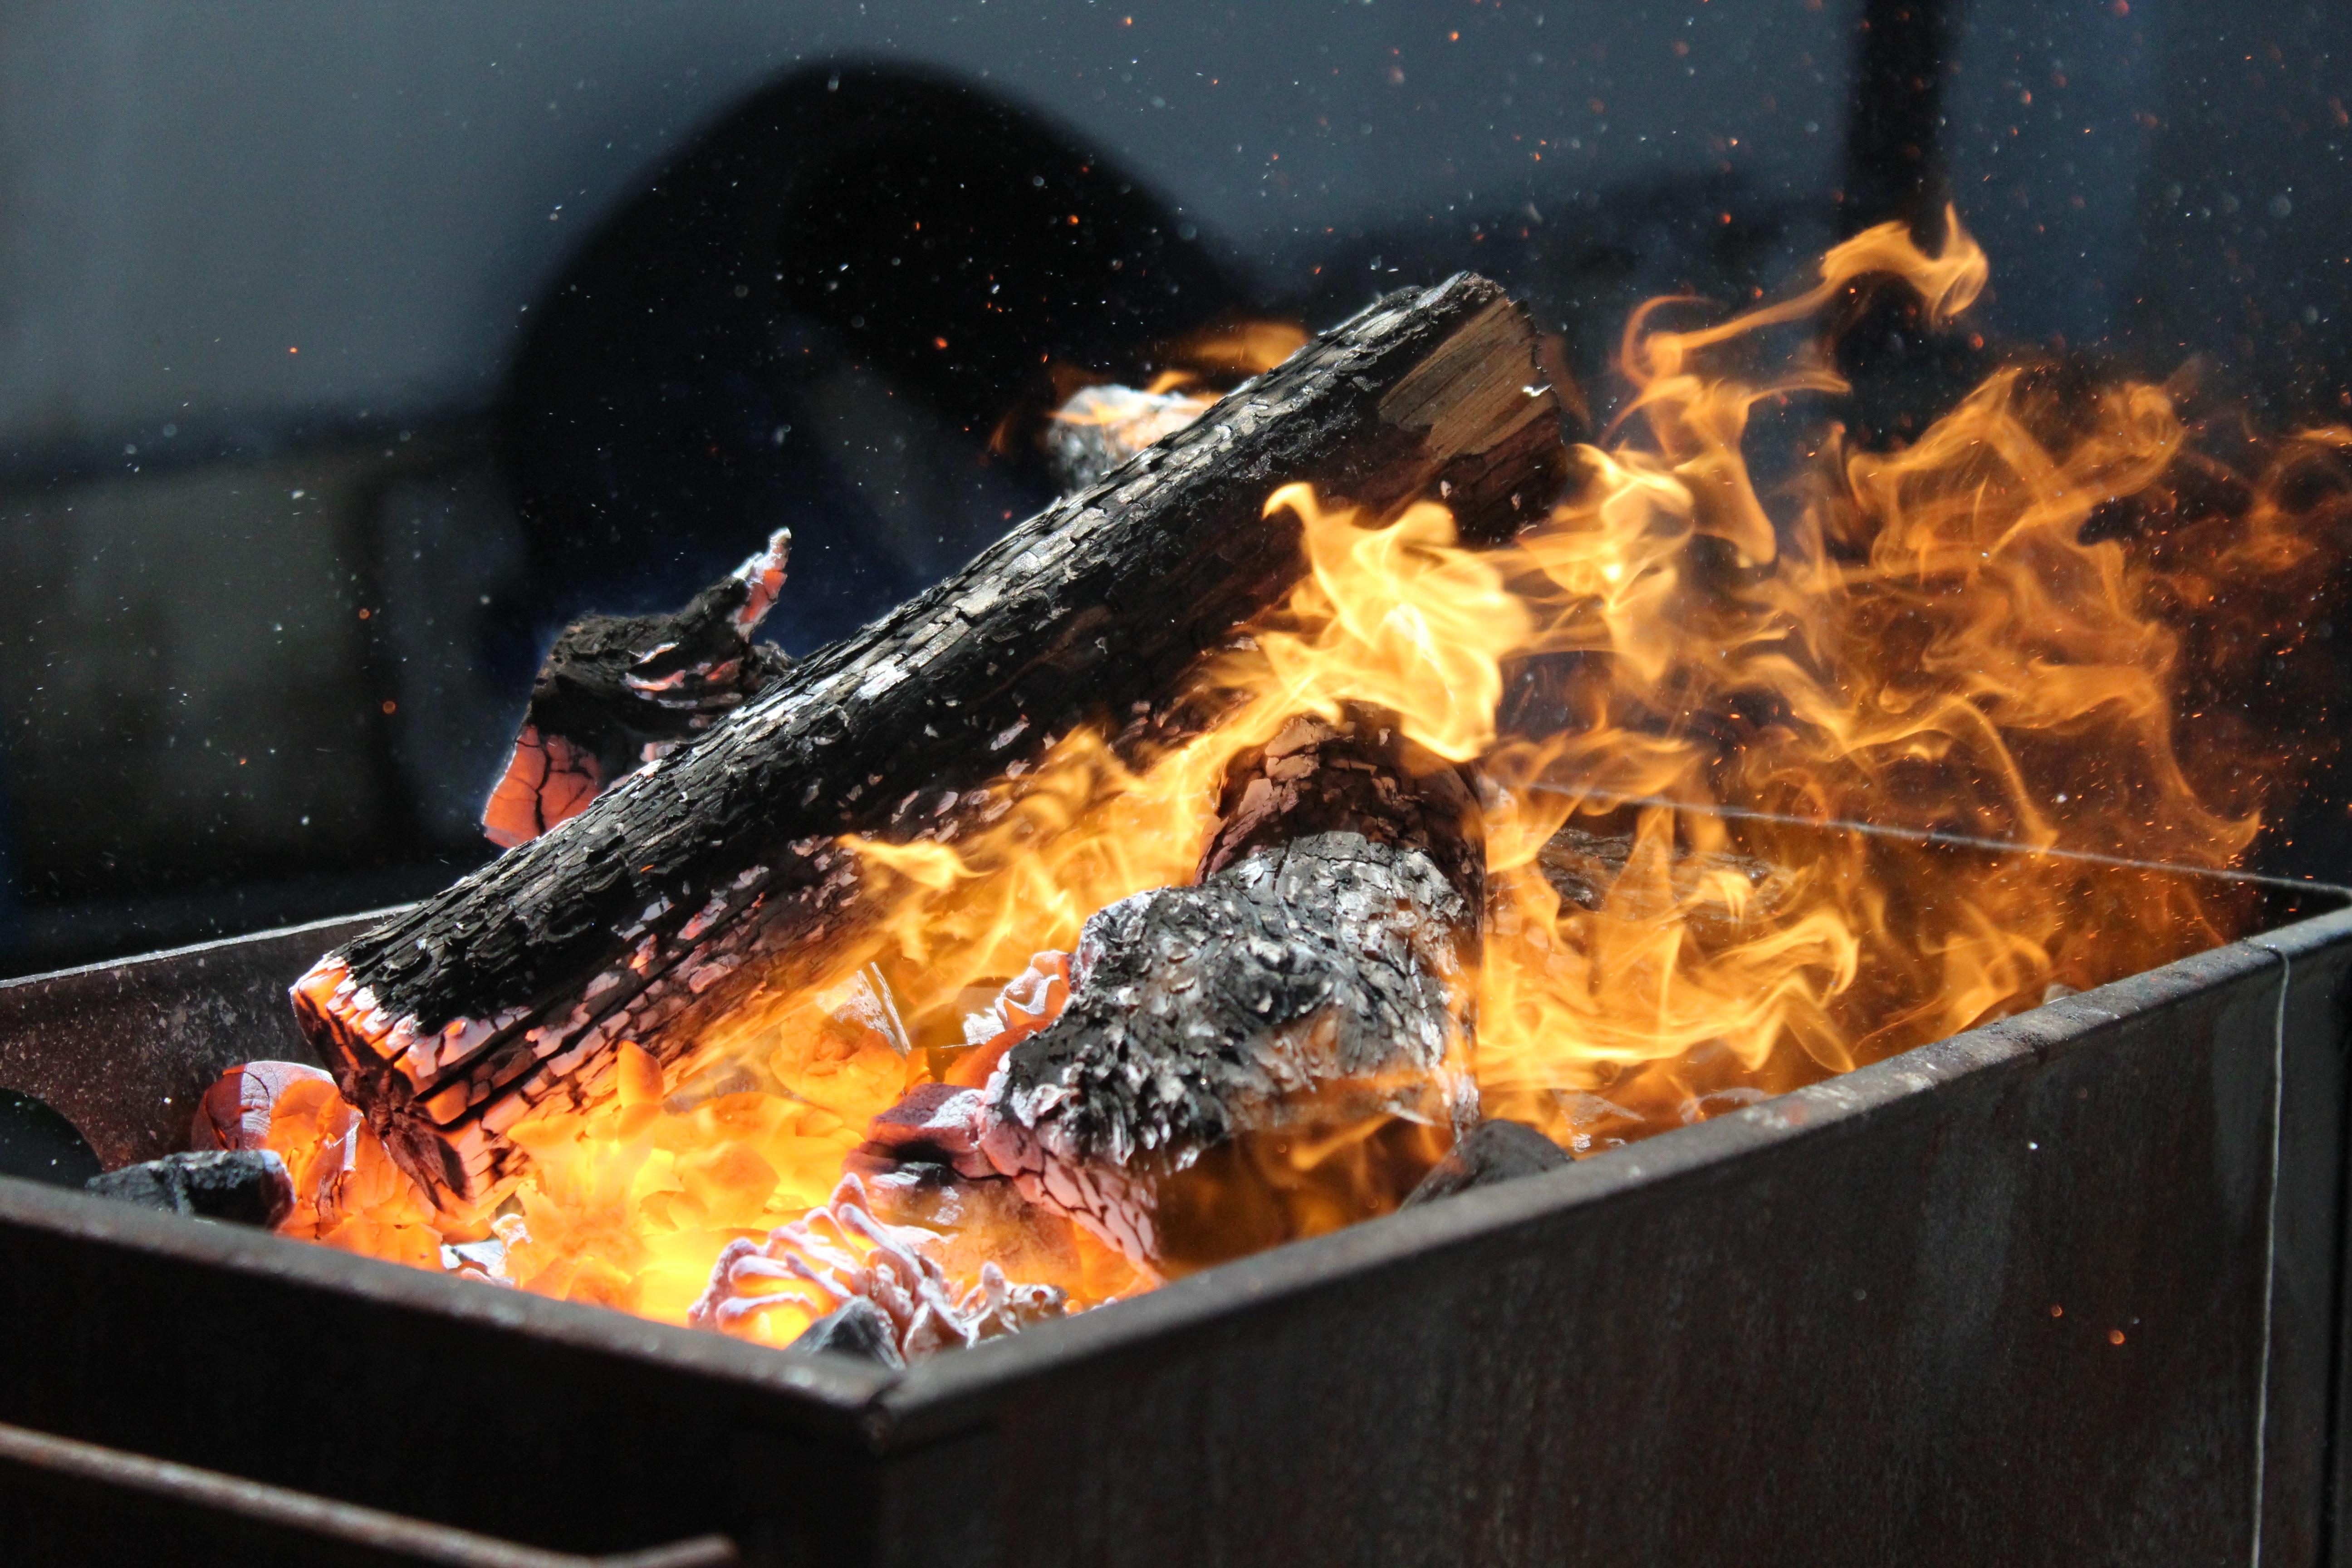 Fotos gratis plato comida cocina llama fuego hoguera carne parilla ba ador hogar - Cocina de fuego ...